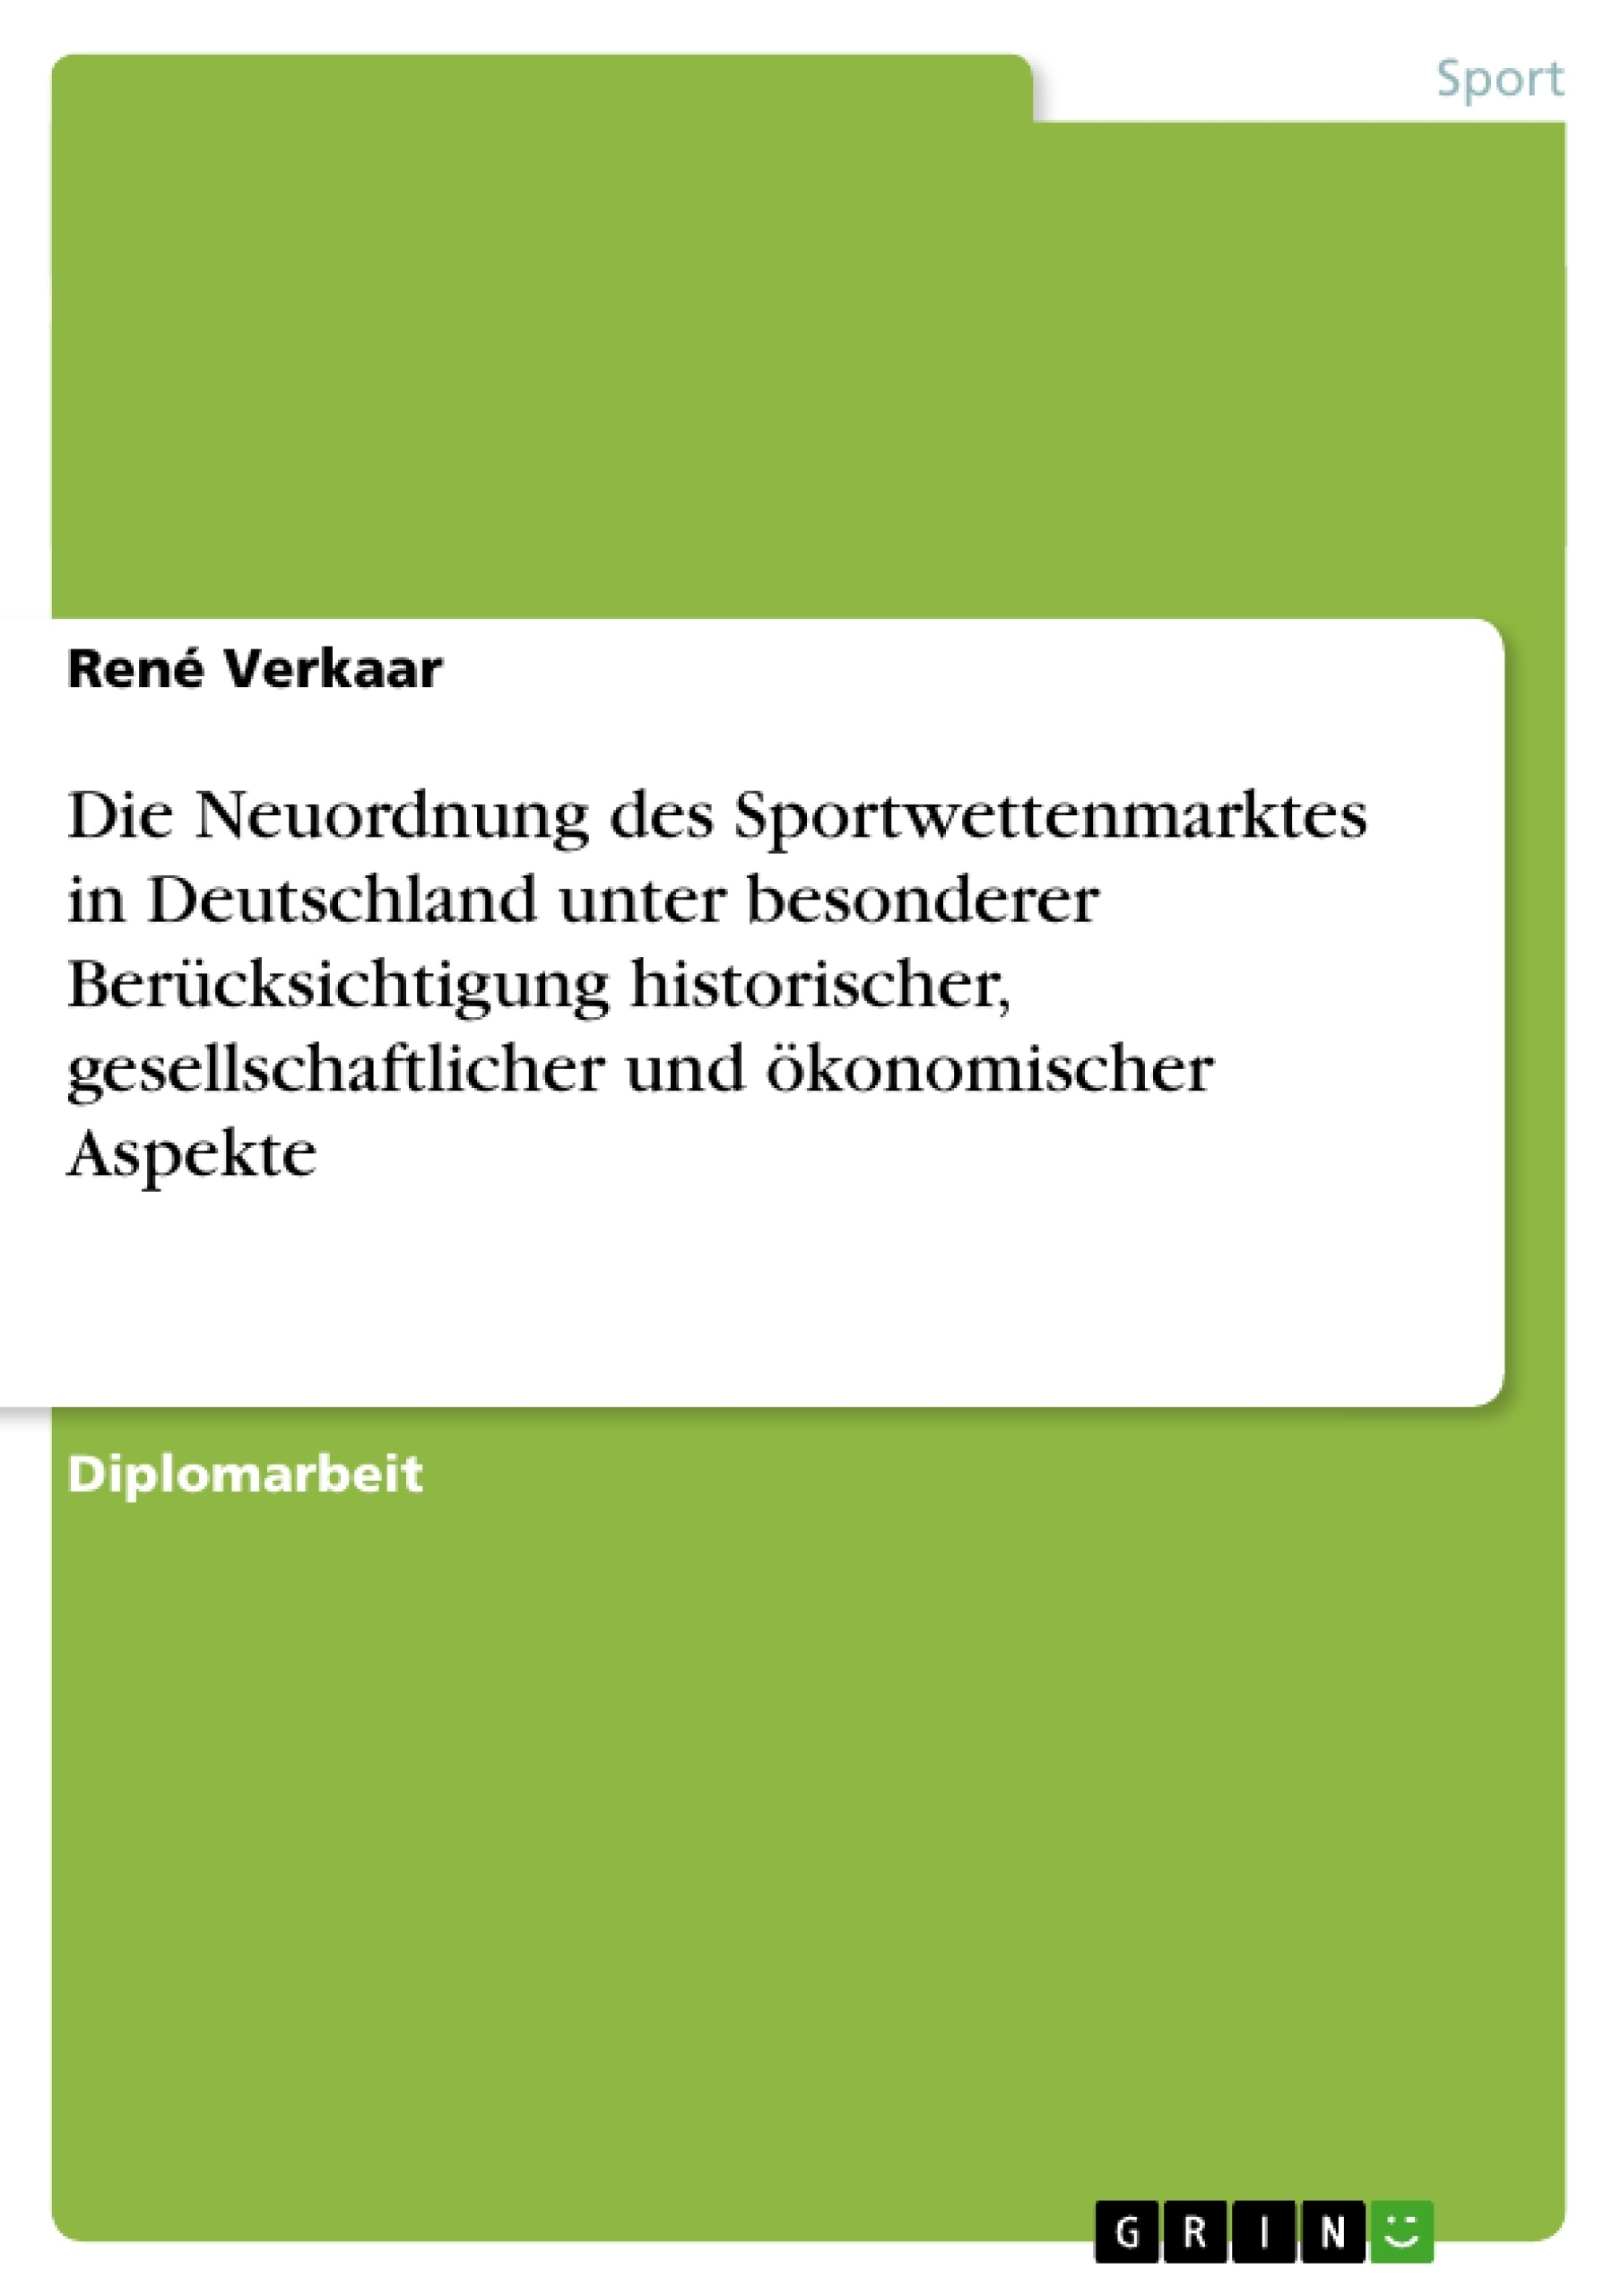 Titel: Die Neuordnung des Sportwettenmarktes in Deutschland unter besonderer Berücksichtigung historischer, gesellschaftlicher und ökonomischer Aspekte